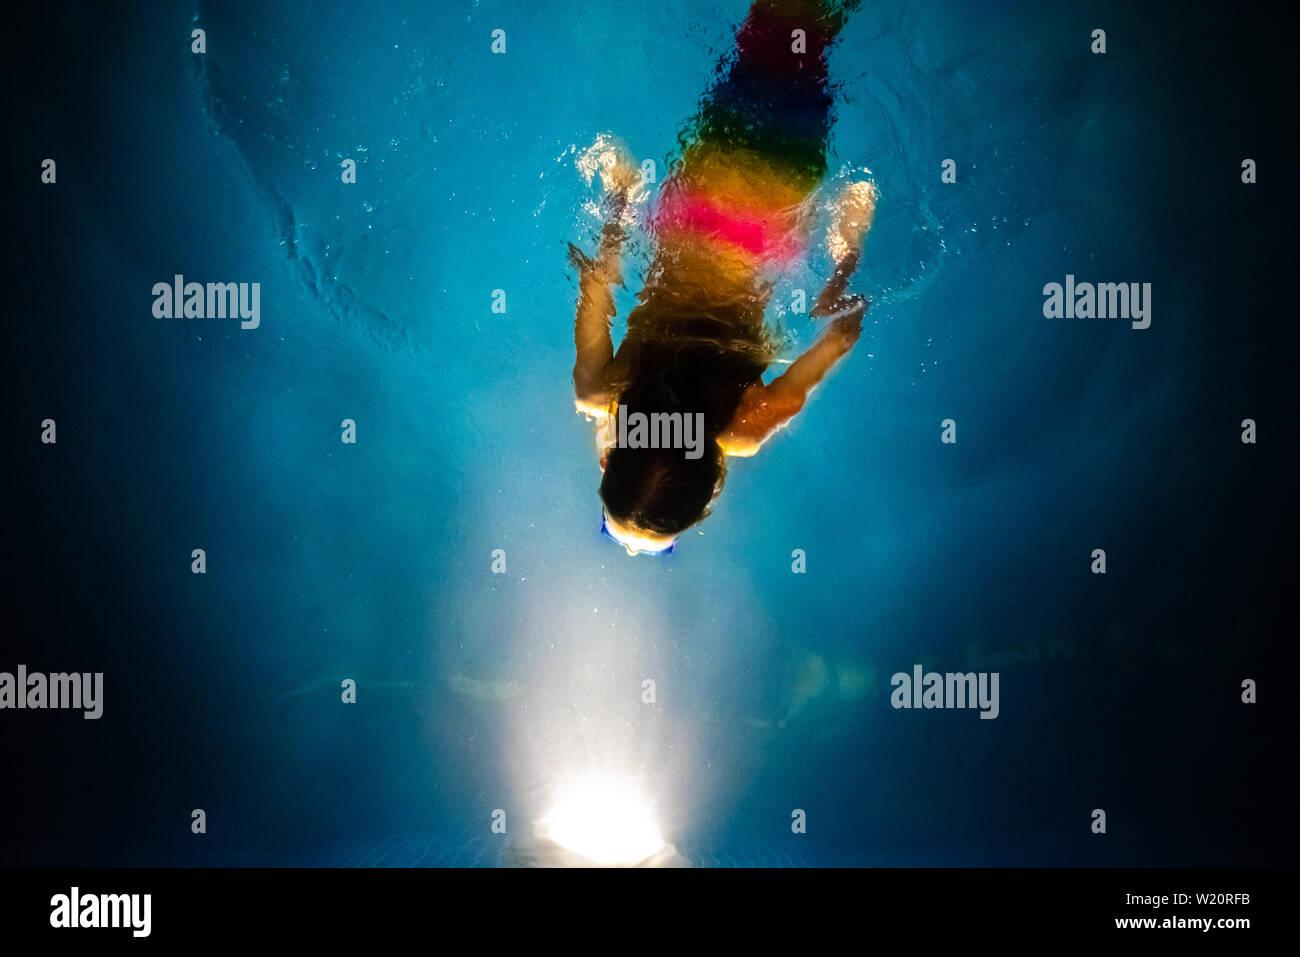 Buceo de sirena hacia la luz de una piscina azul en la noche, con un fondo de ensueño de la fantasía y la imaginación. Foto de stock